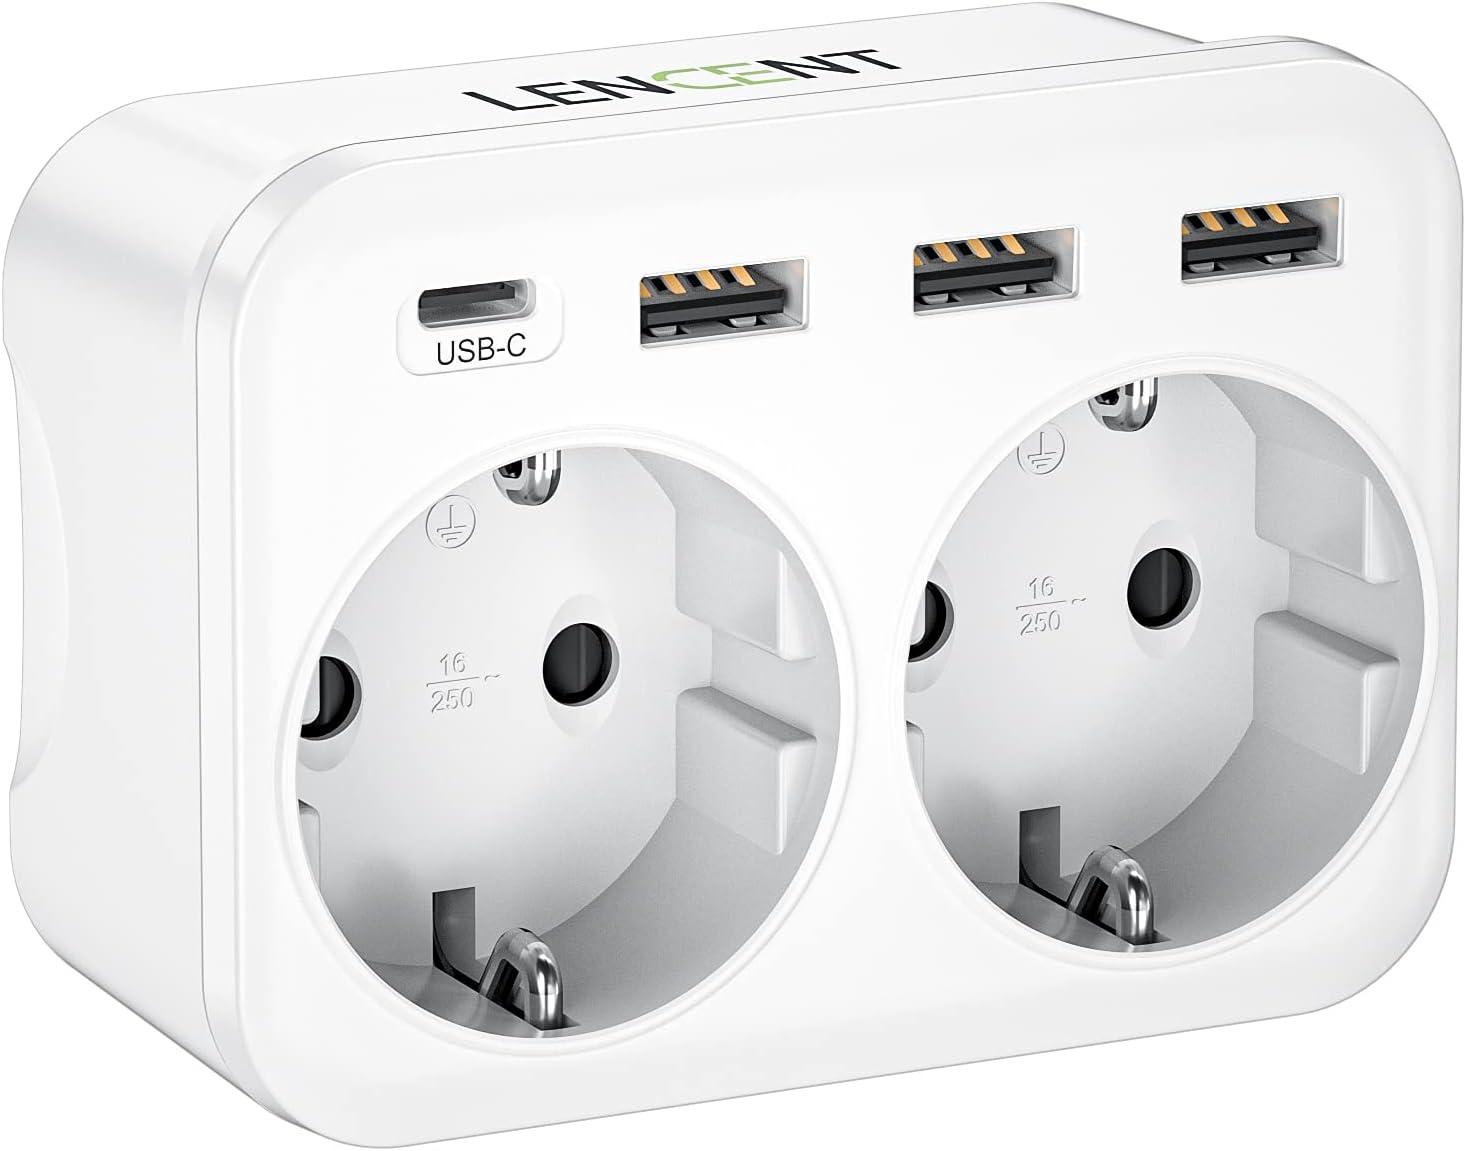 LENCENT Ladron Enchufes, Cargador USB de Pared con 2 Toma de CA, 1 Puerto Tipo C y 3 Puertos USB, Adaptador Enchufe USB España para Smartphone Tableta 4000W